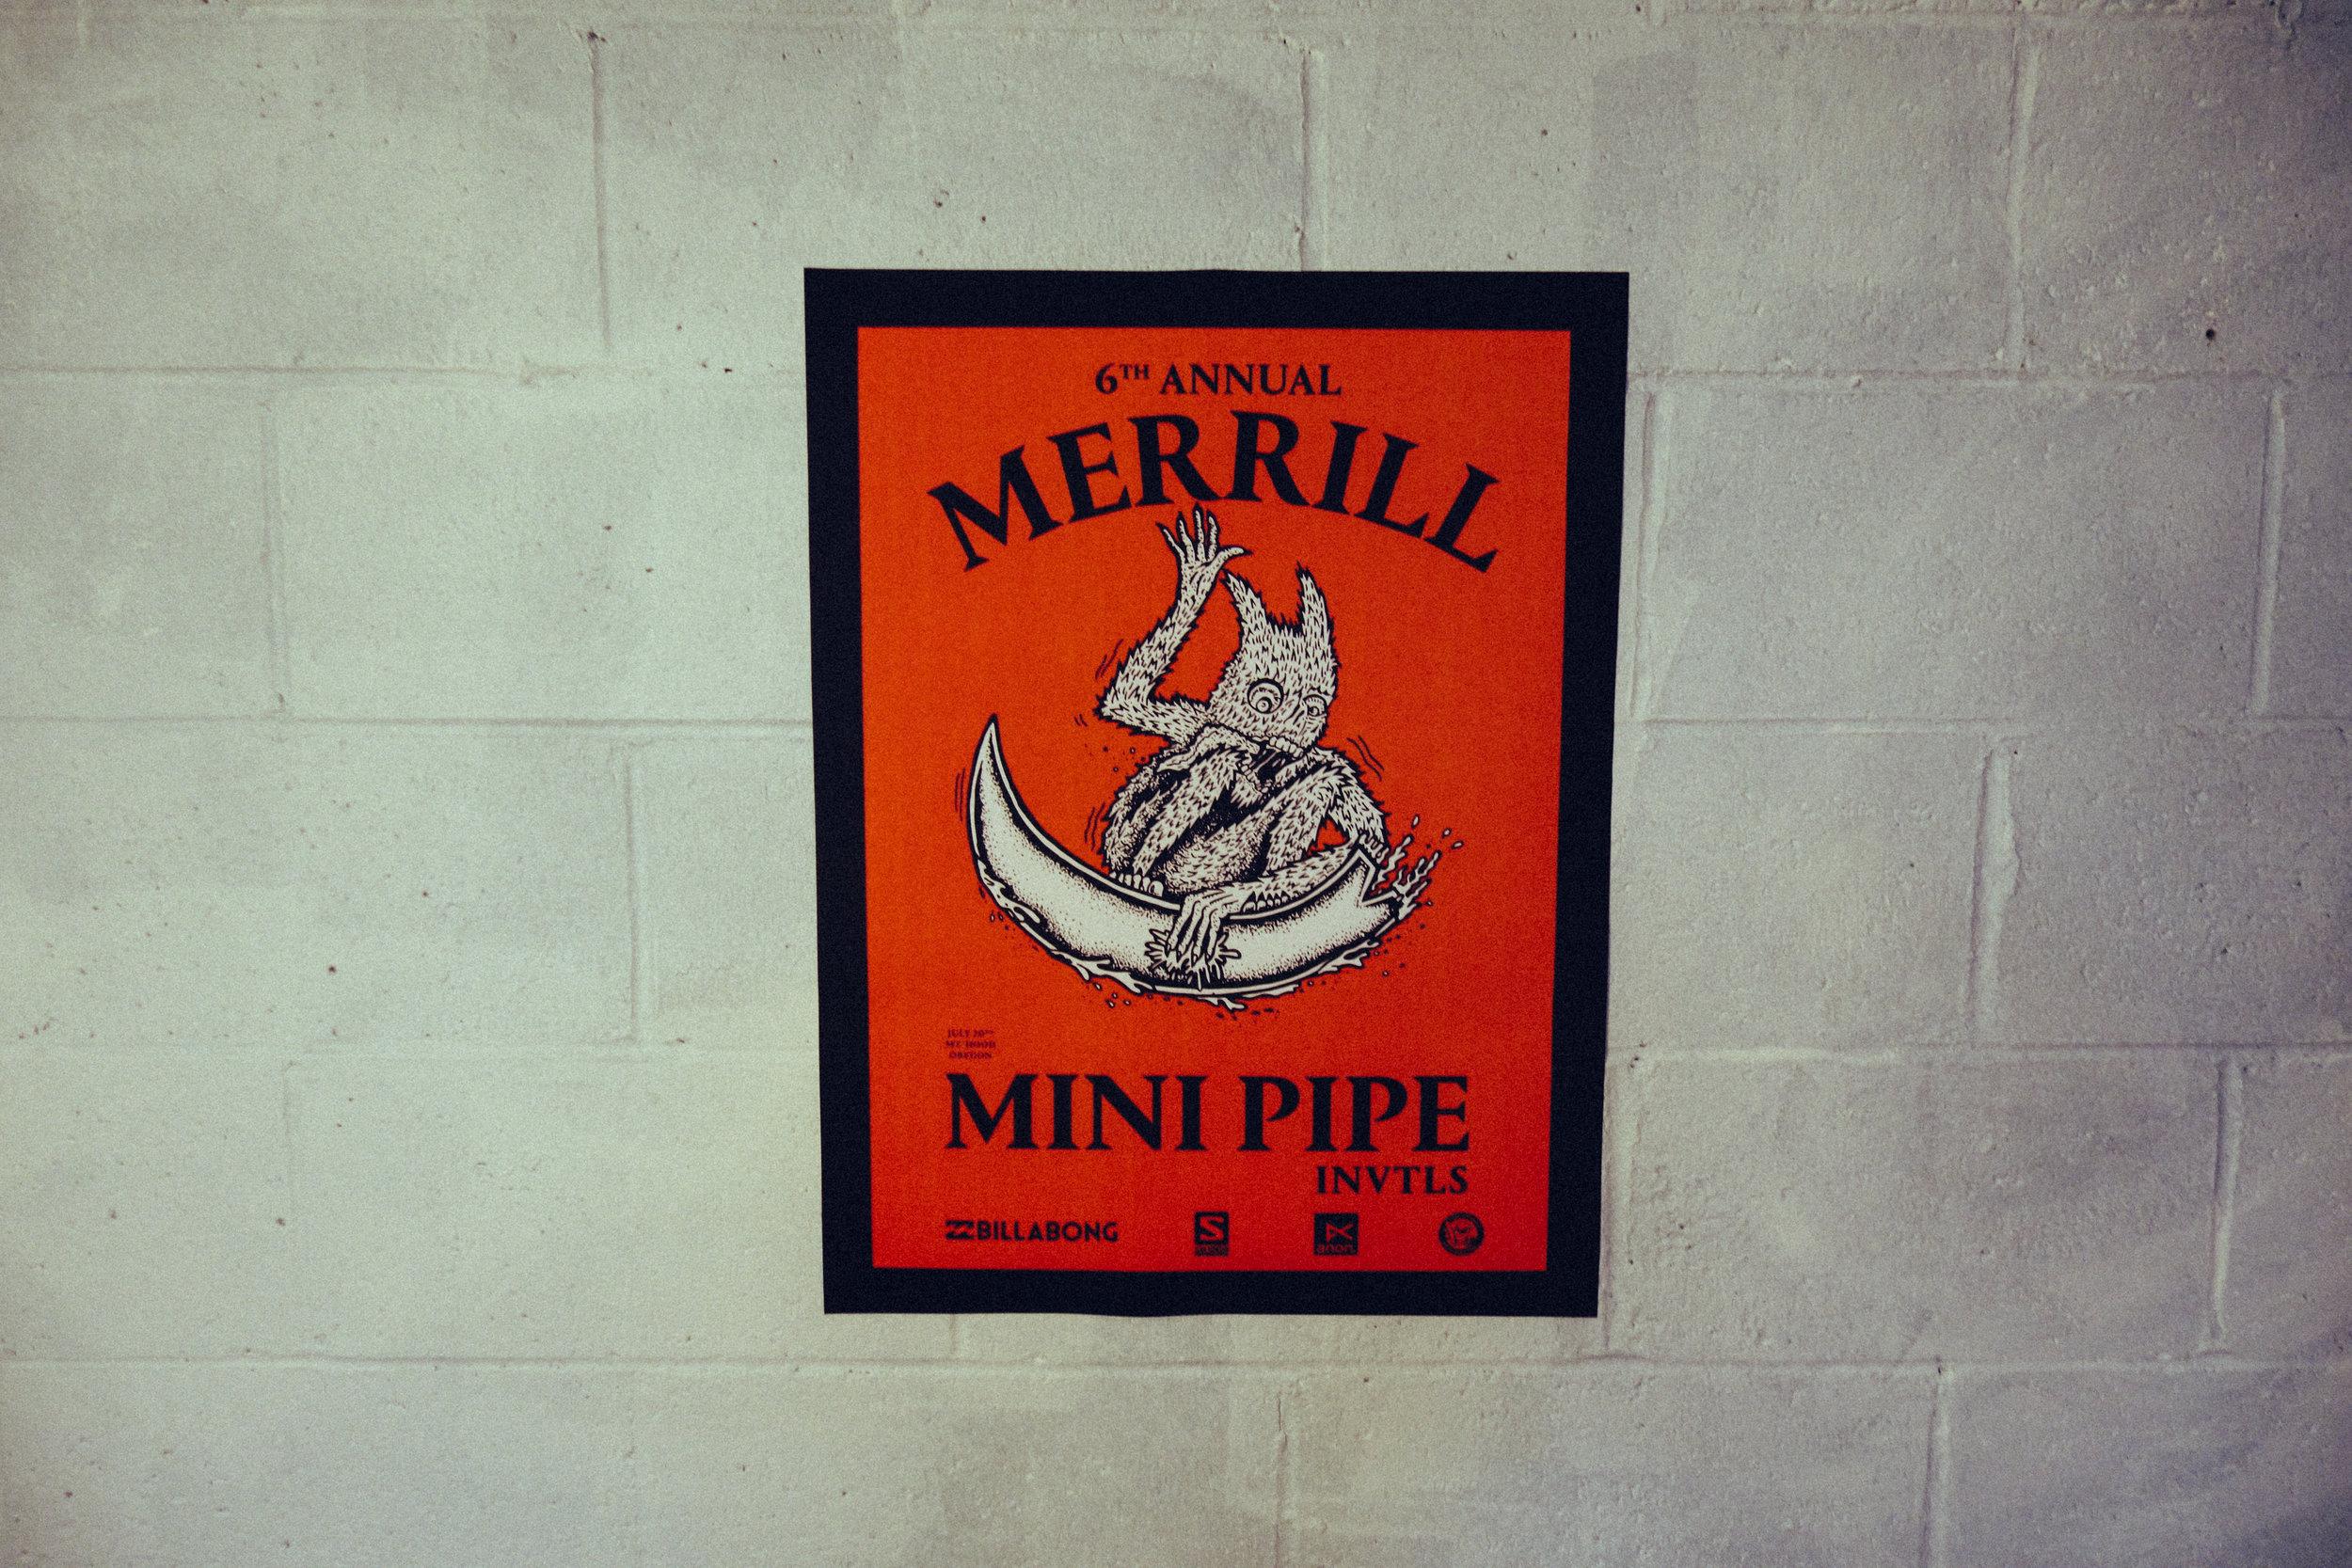 Merrill MiniPipe - 24.jpg